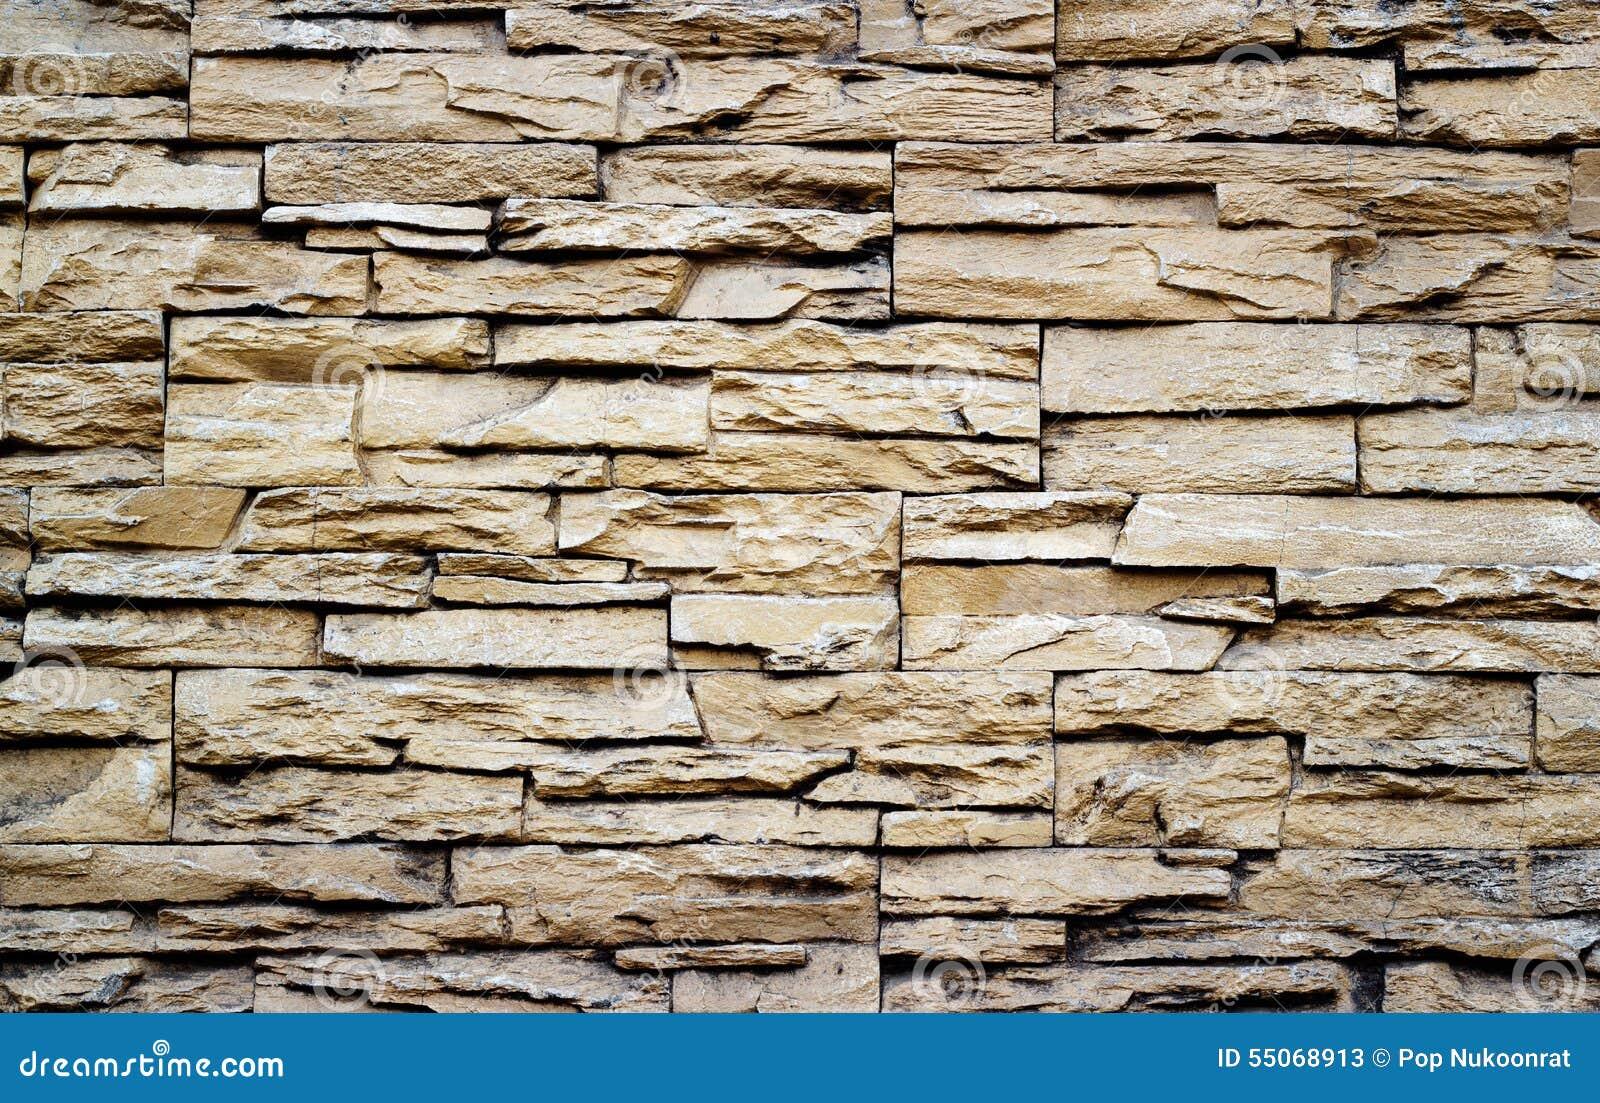 textura abstracta de la pared de piedra para el fondo foto de archivo